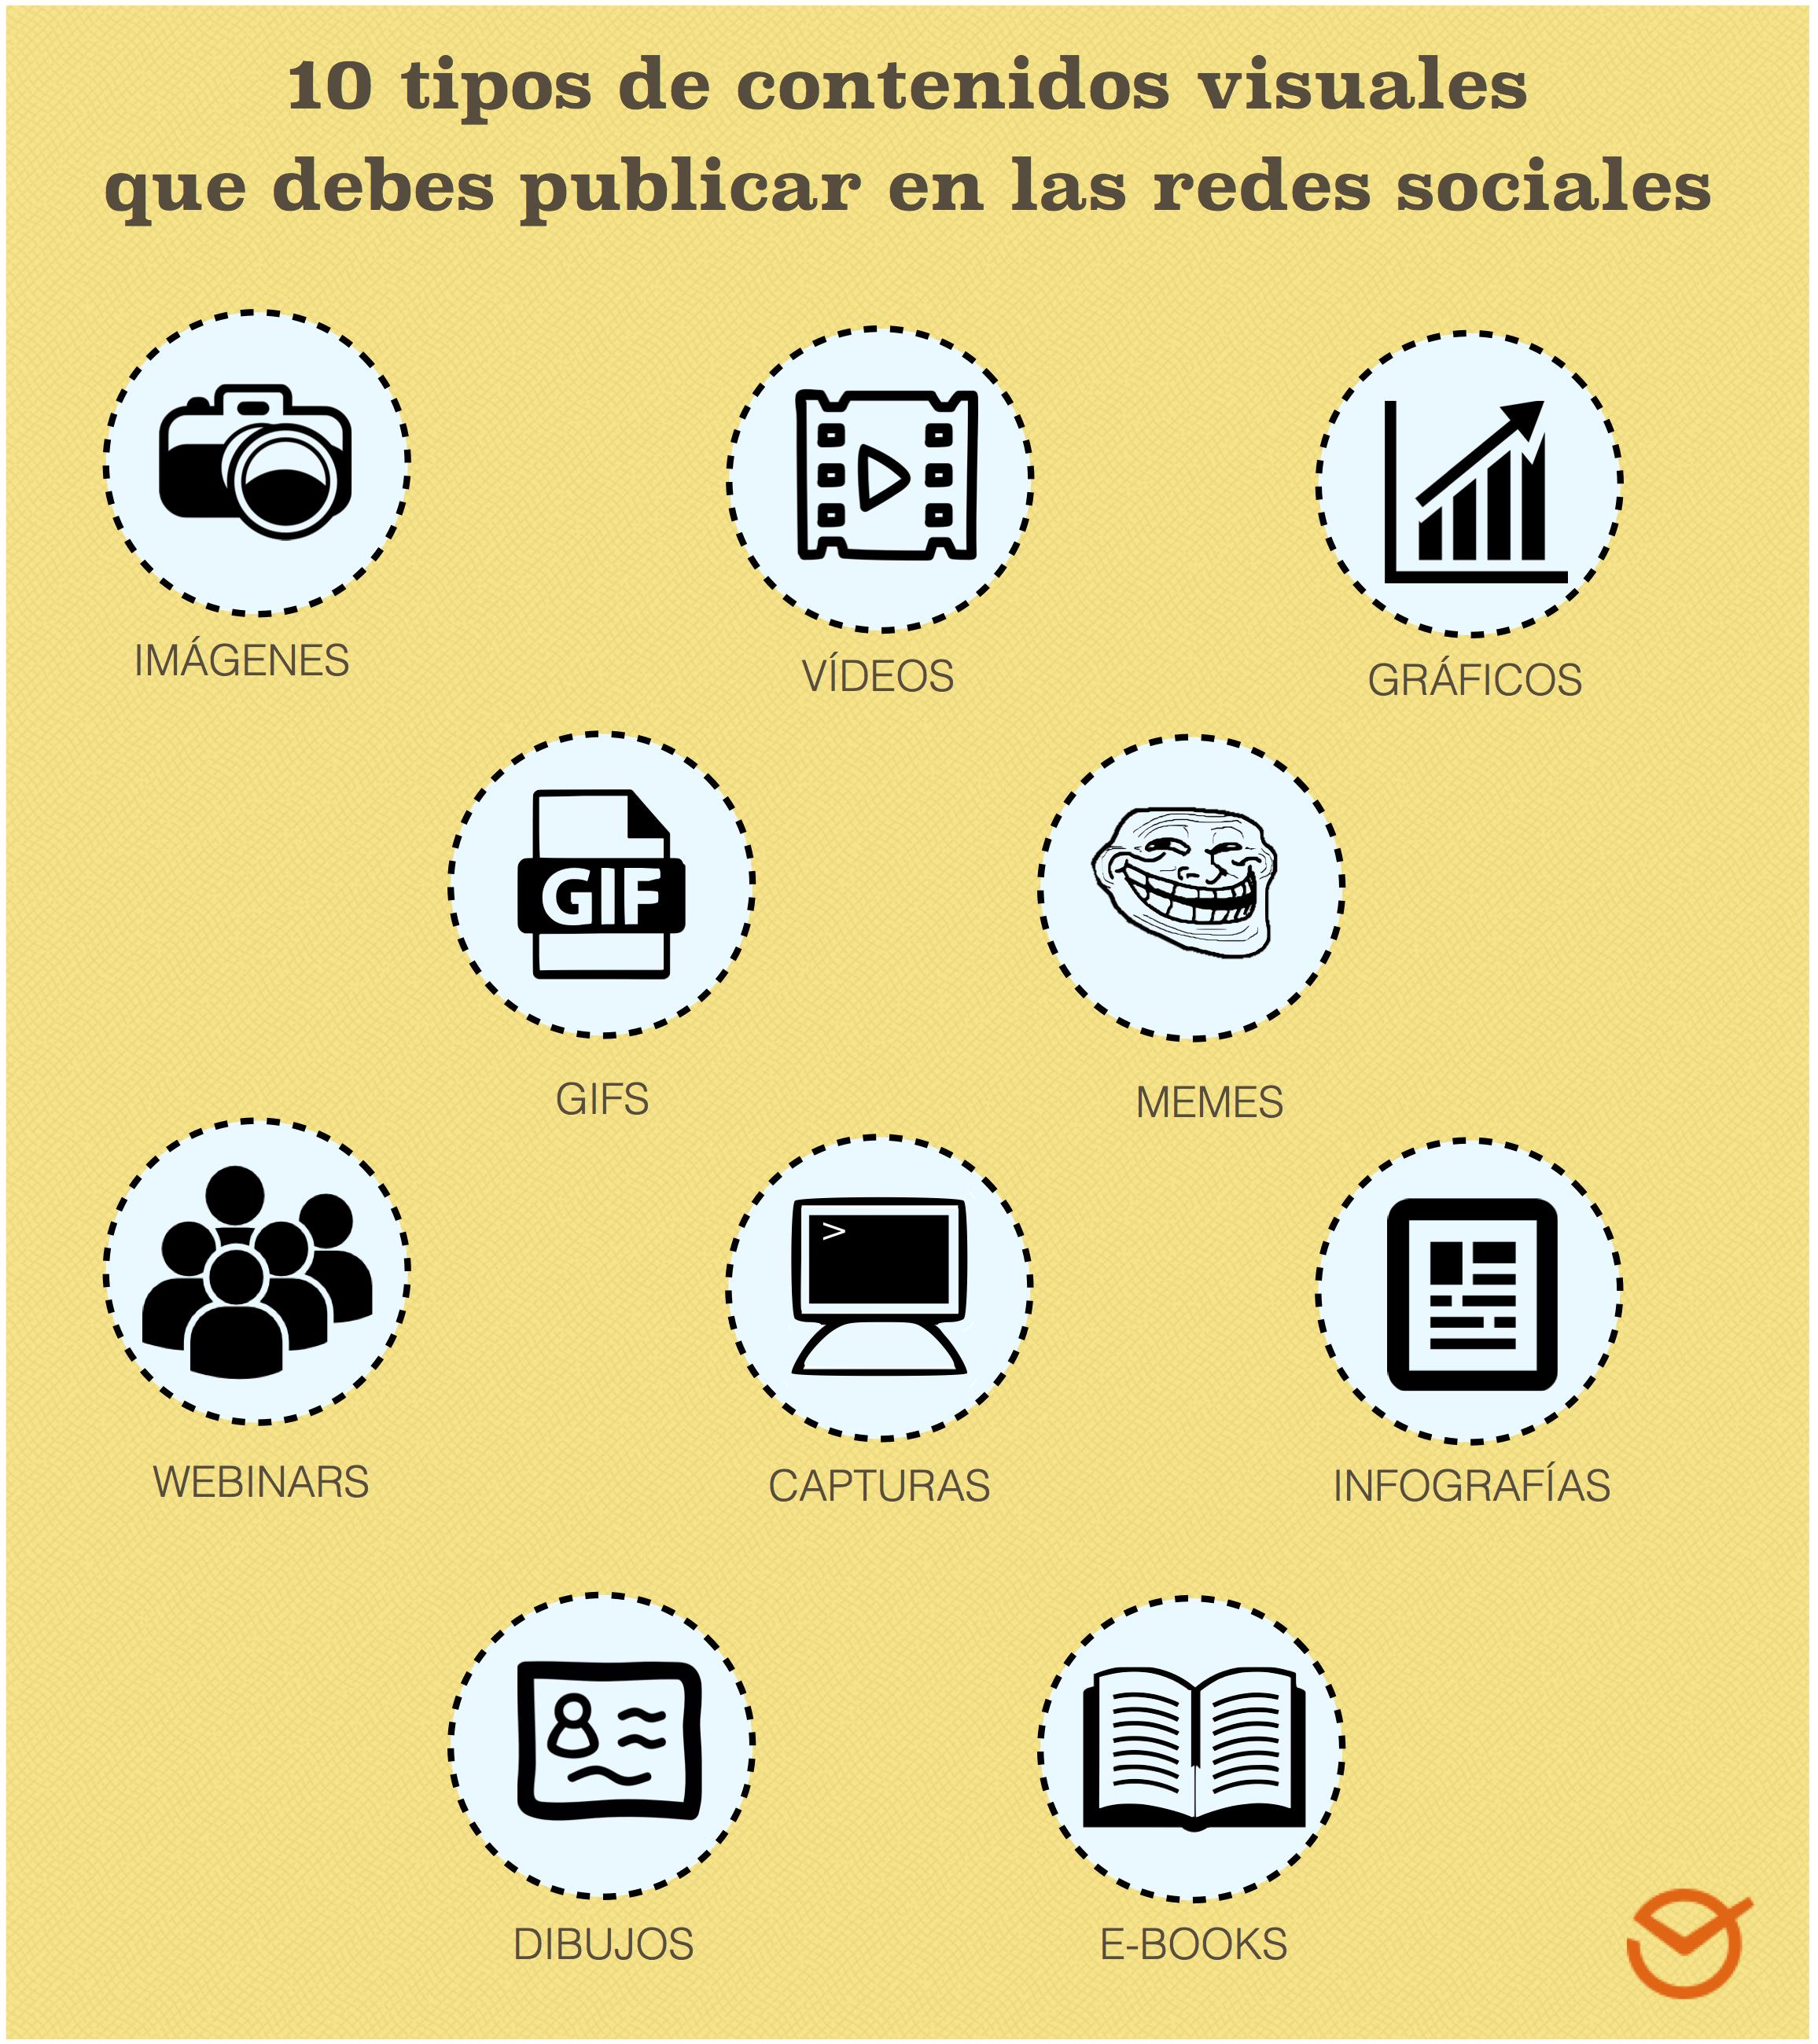 ea1d9fc3b8 10 tipos de contenido visual que debes utilizar en tus campañas de  marketing para redes sociales